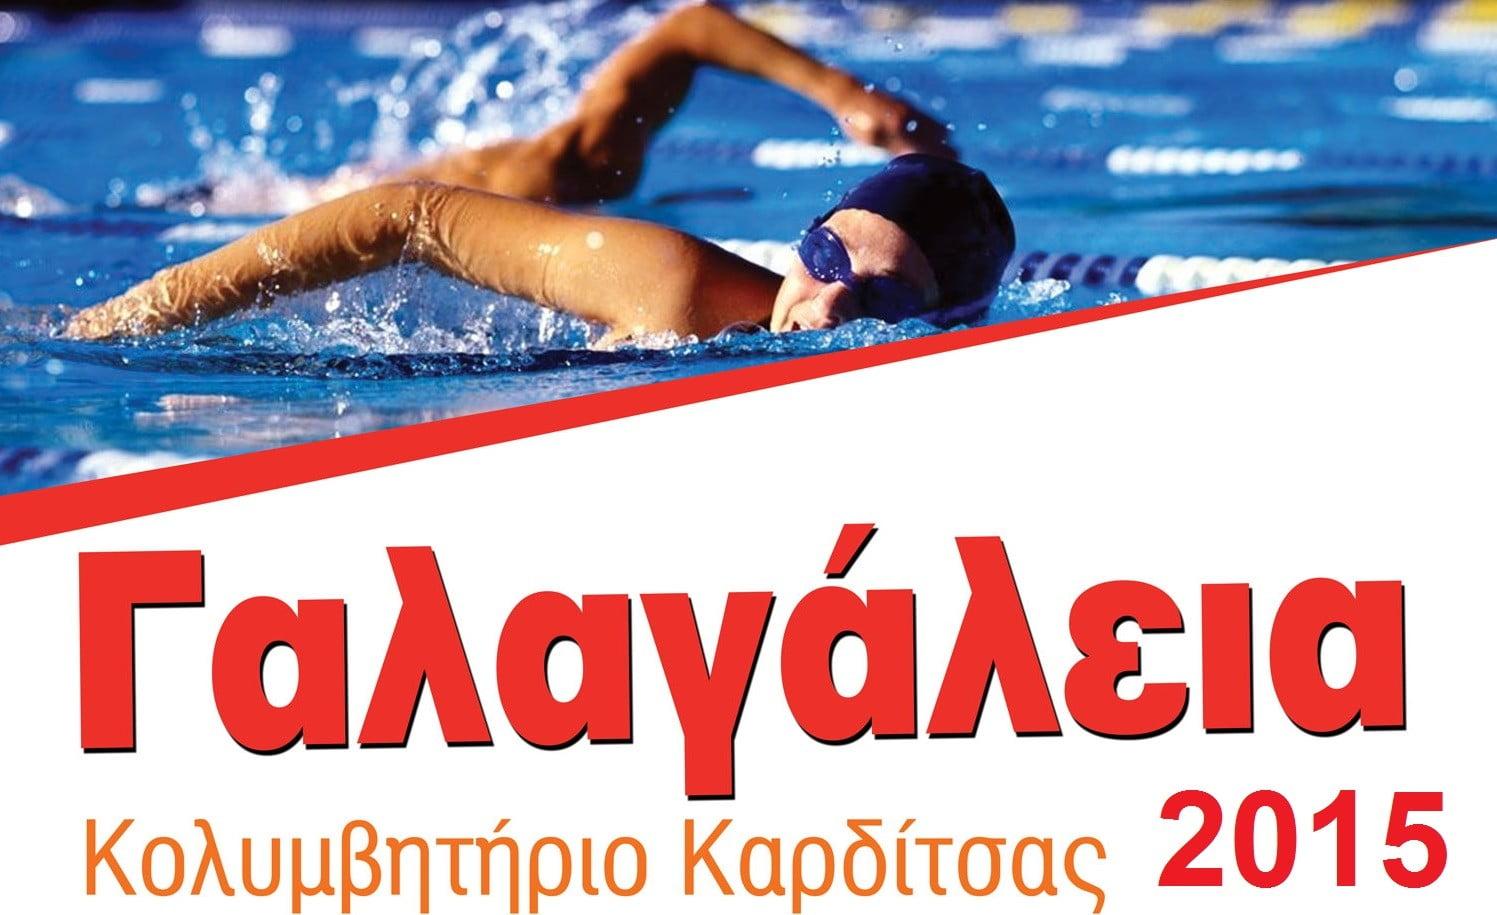 Γίνε αρωγός των Κολυμβητικών Αγώνων «Γαλαγάλεια 2015»